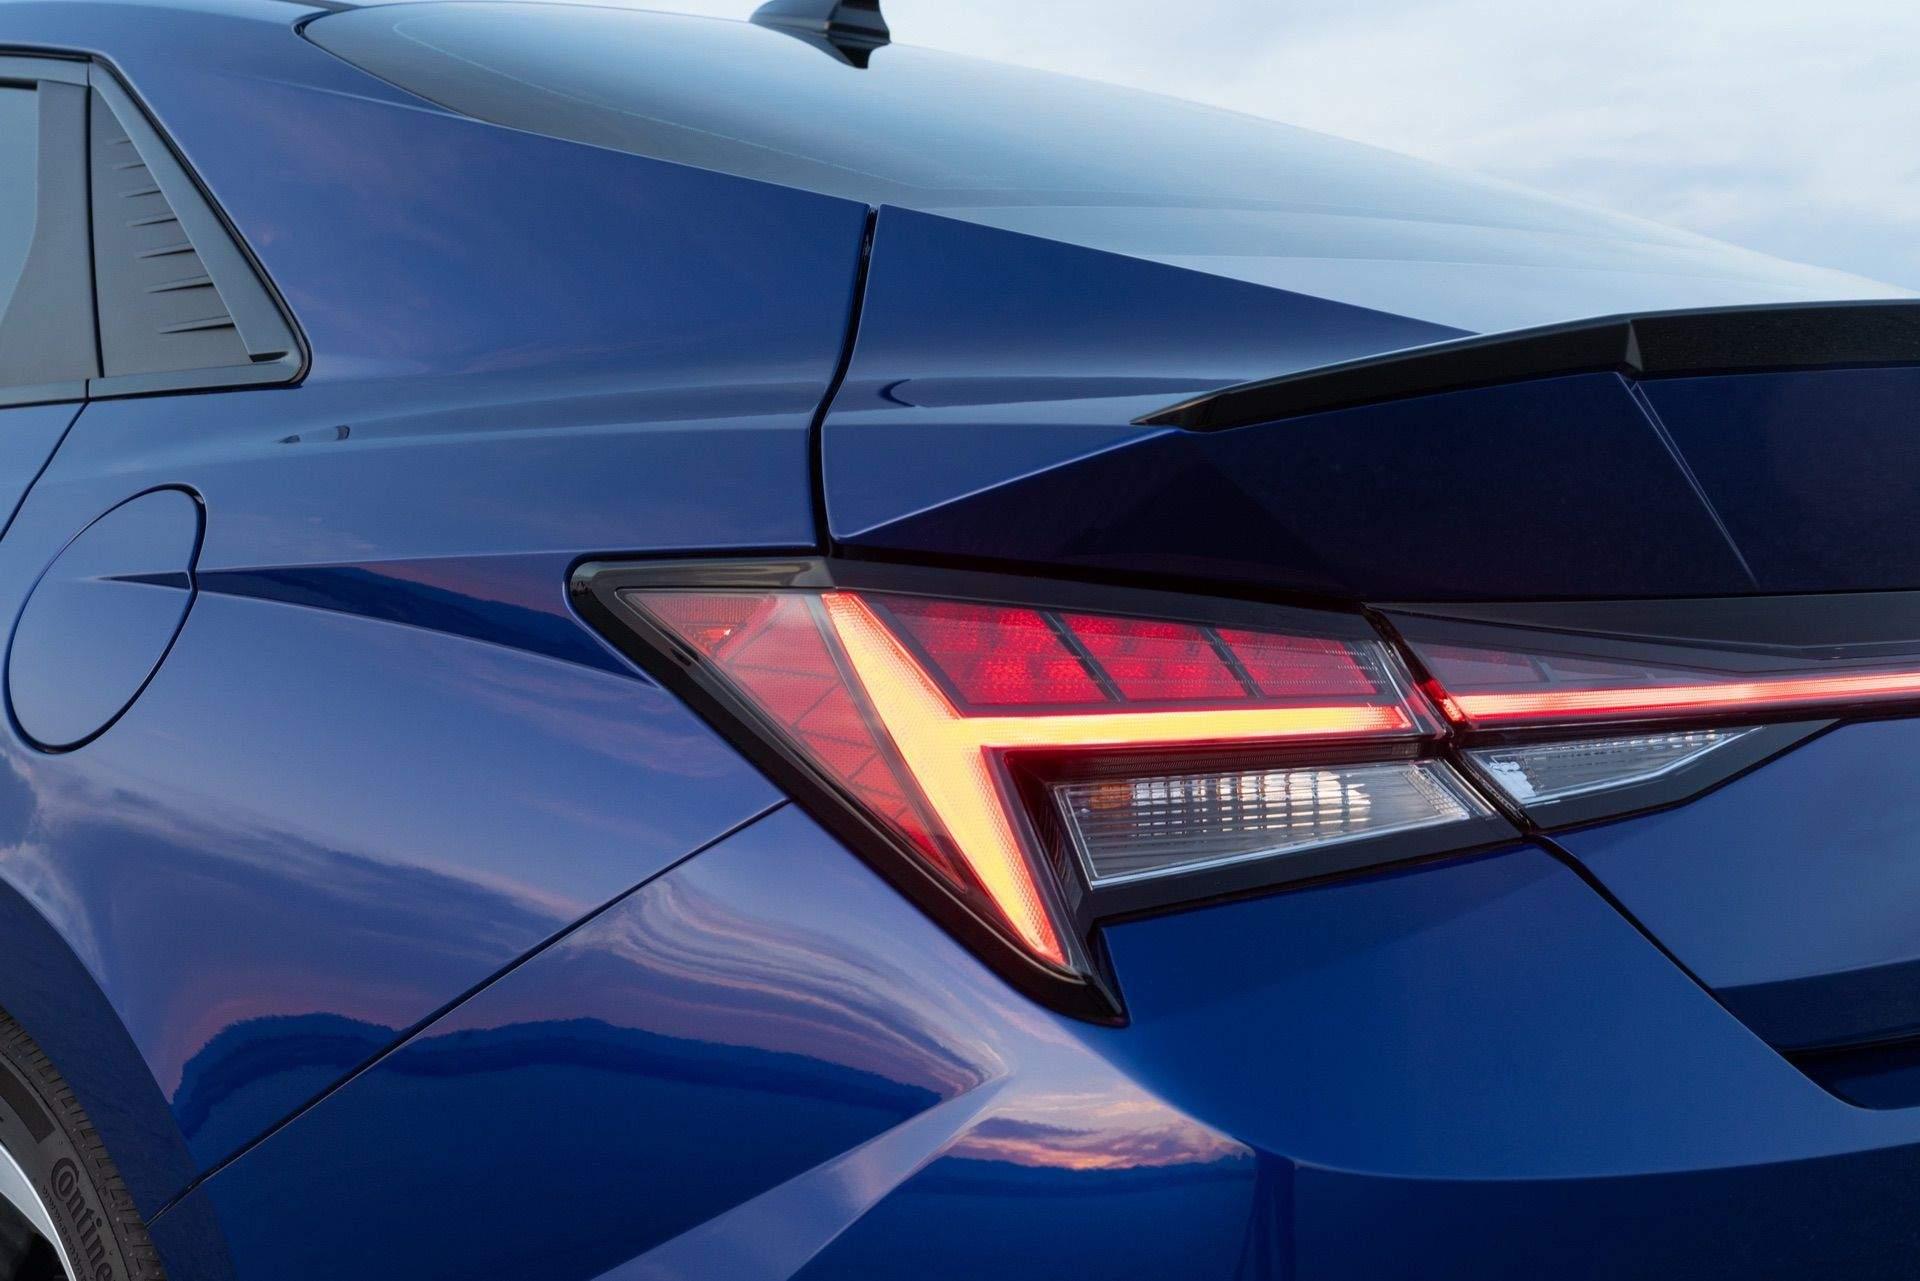 Hyundai-Elantra-N-Line-i30-Sedan-03